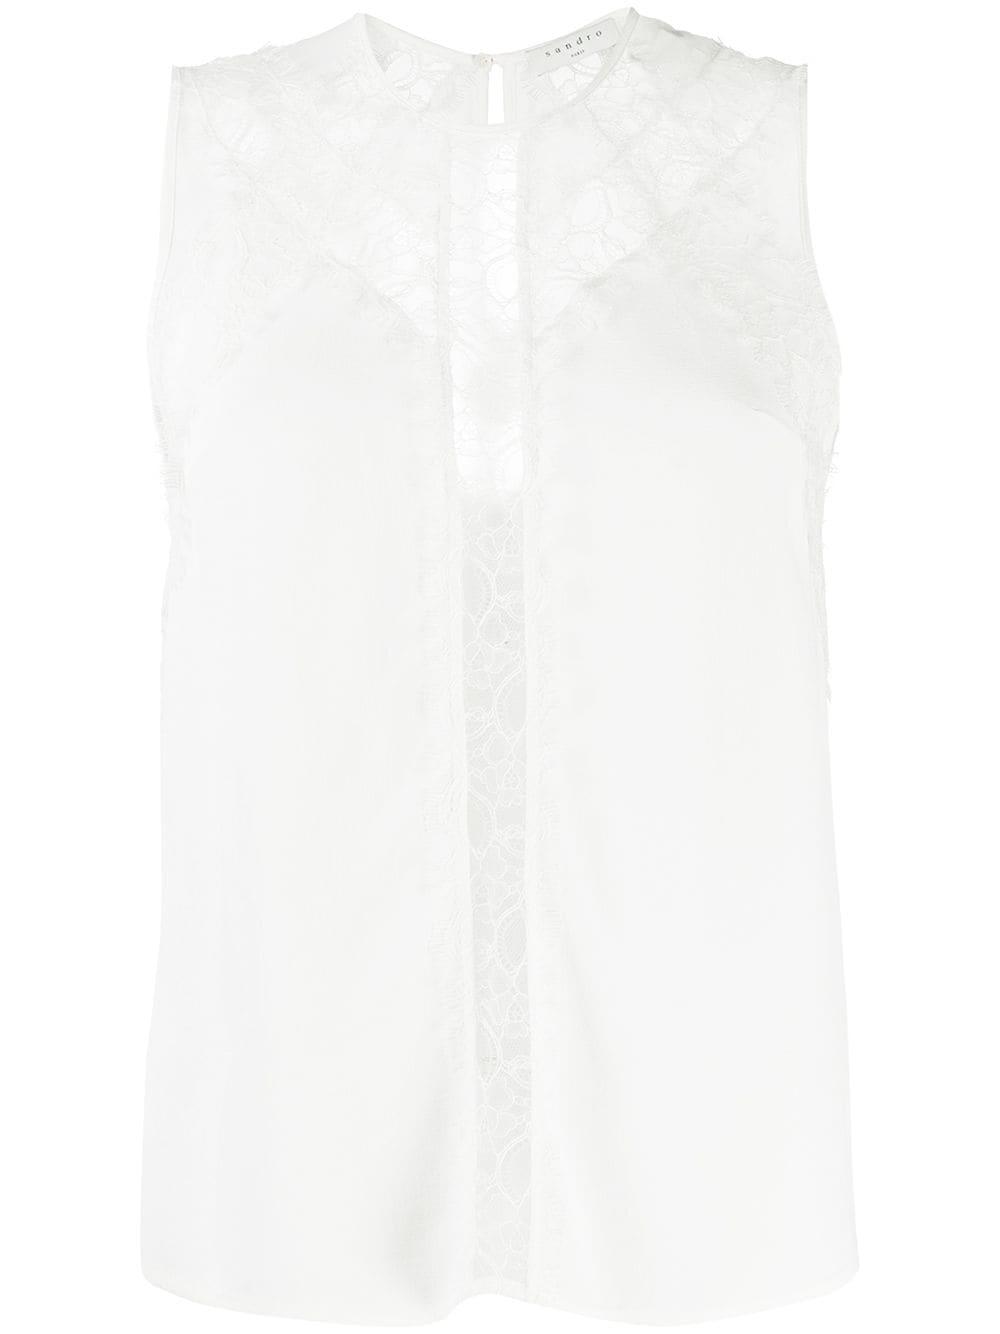 Sandro | Sandro Paris блузка с кружевной вставкой | Clouty